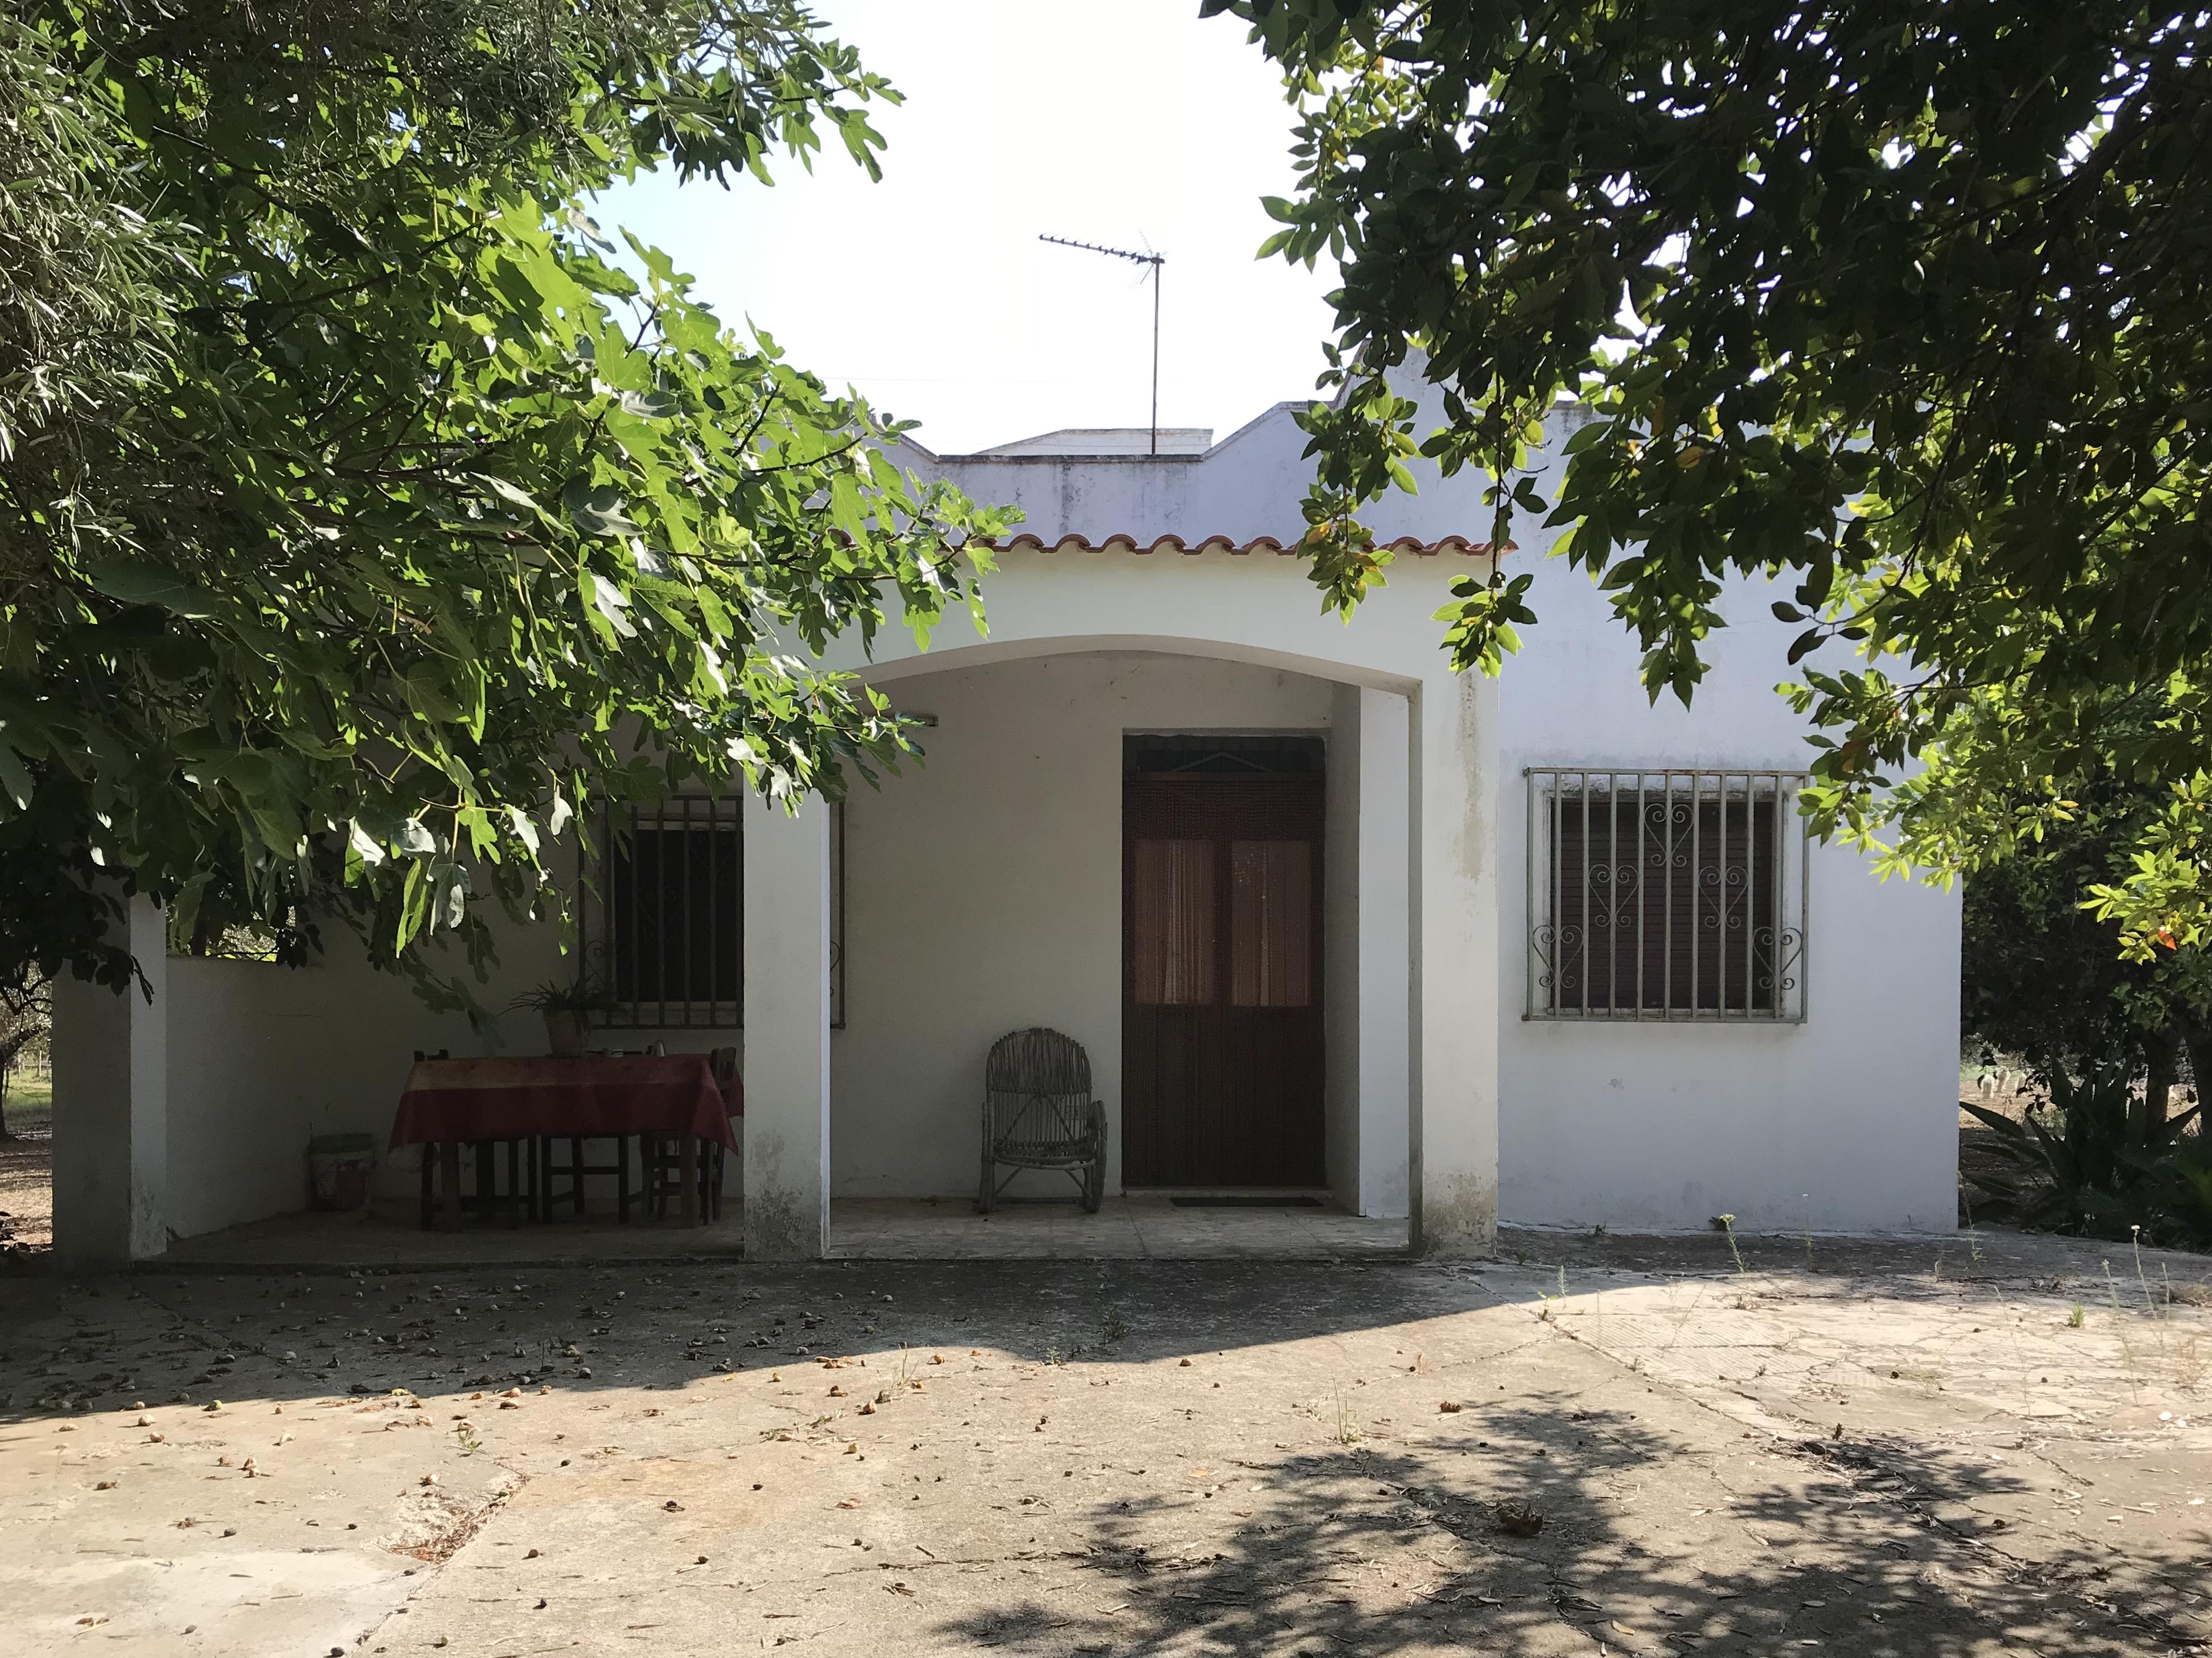 Casa di campagna vendita con terreno, da ristrutturare